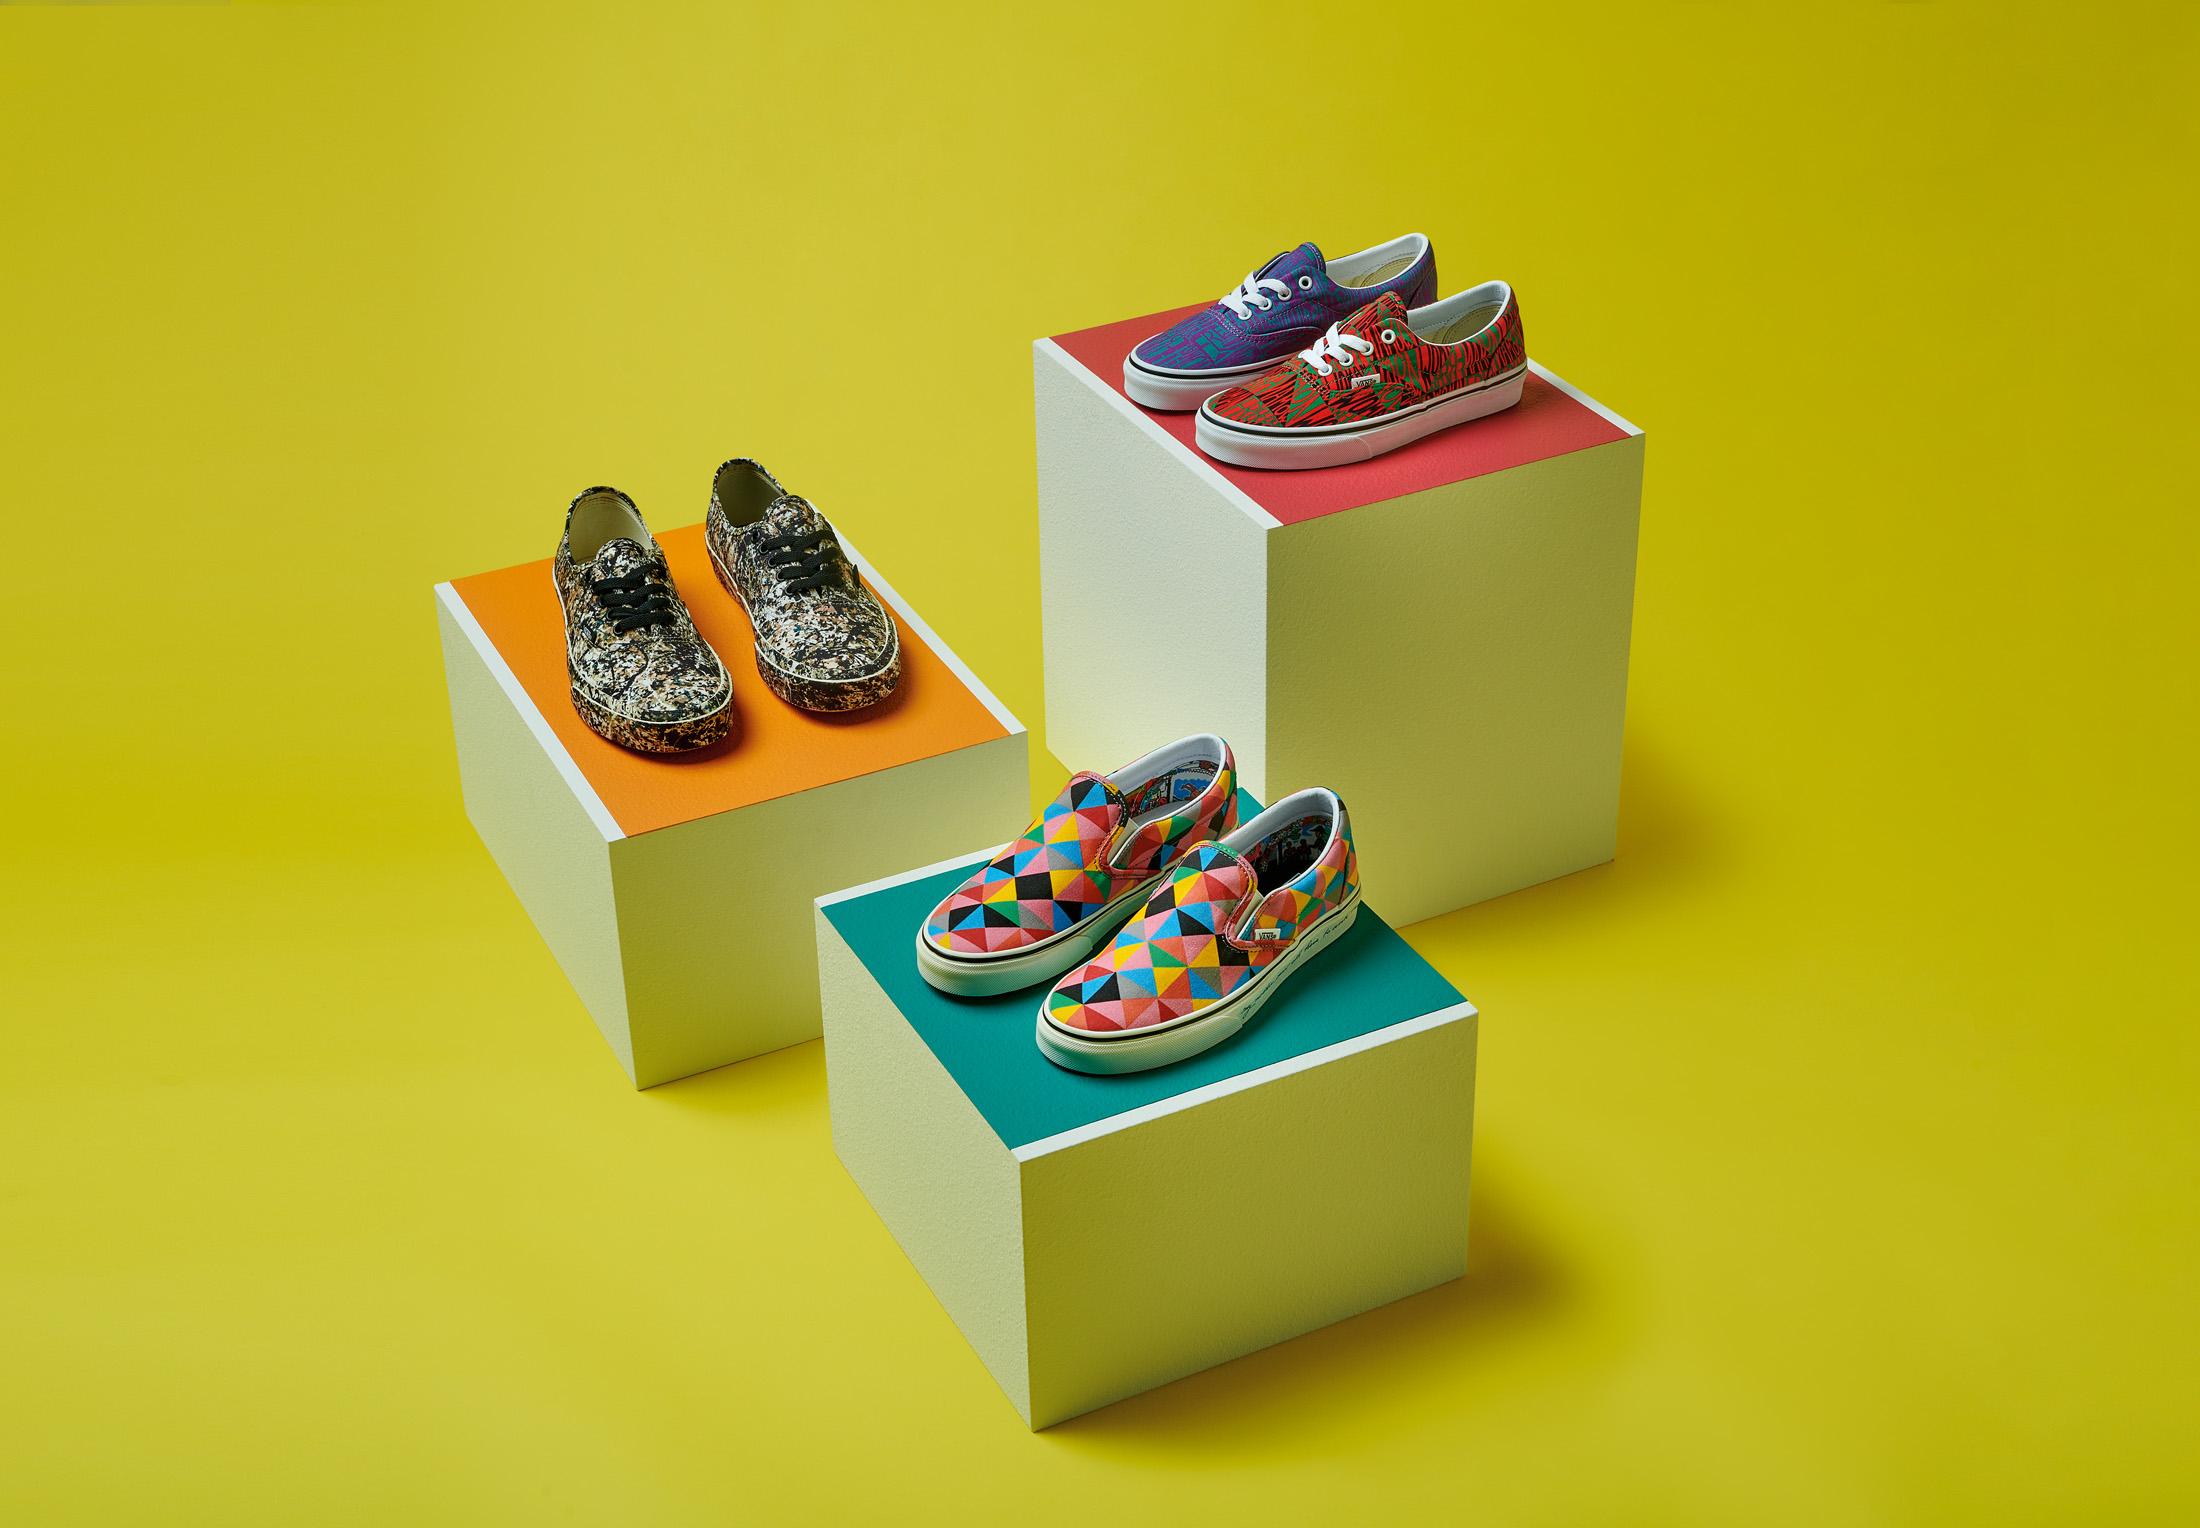 モマ ヴァンズ バンズ コラボ コレクション 限定 第 2弾 MoMA Vans Collaboration Collection Part 2 Main